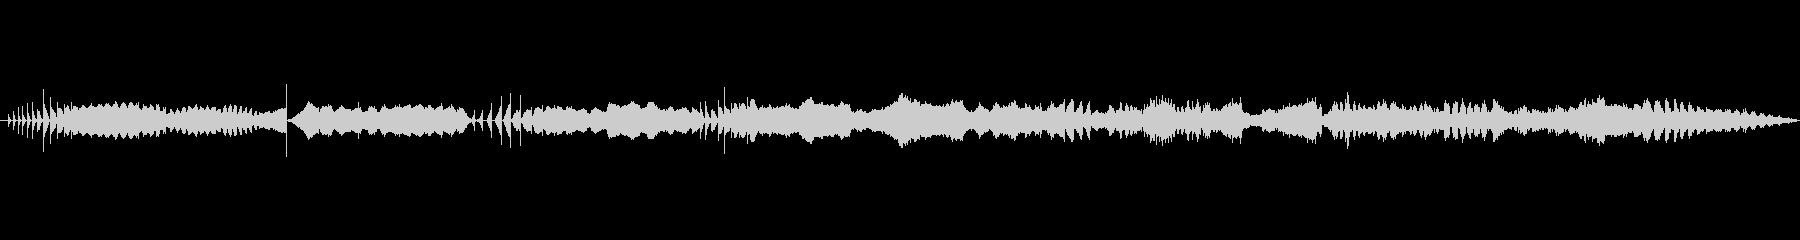 特撮 データ転送カオスシーケンス01の未再生の波形